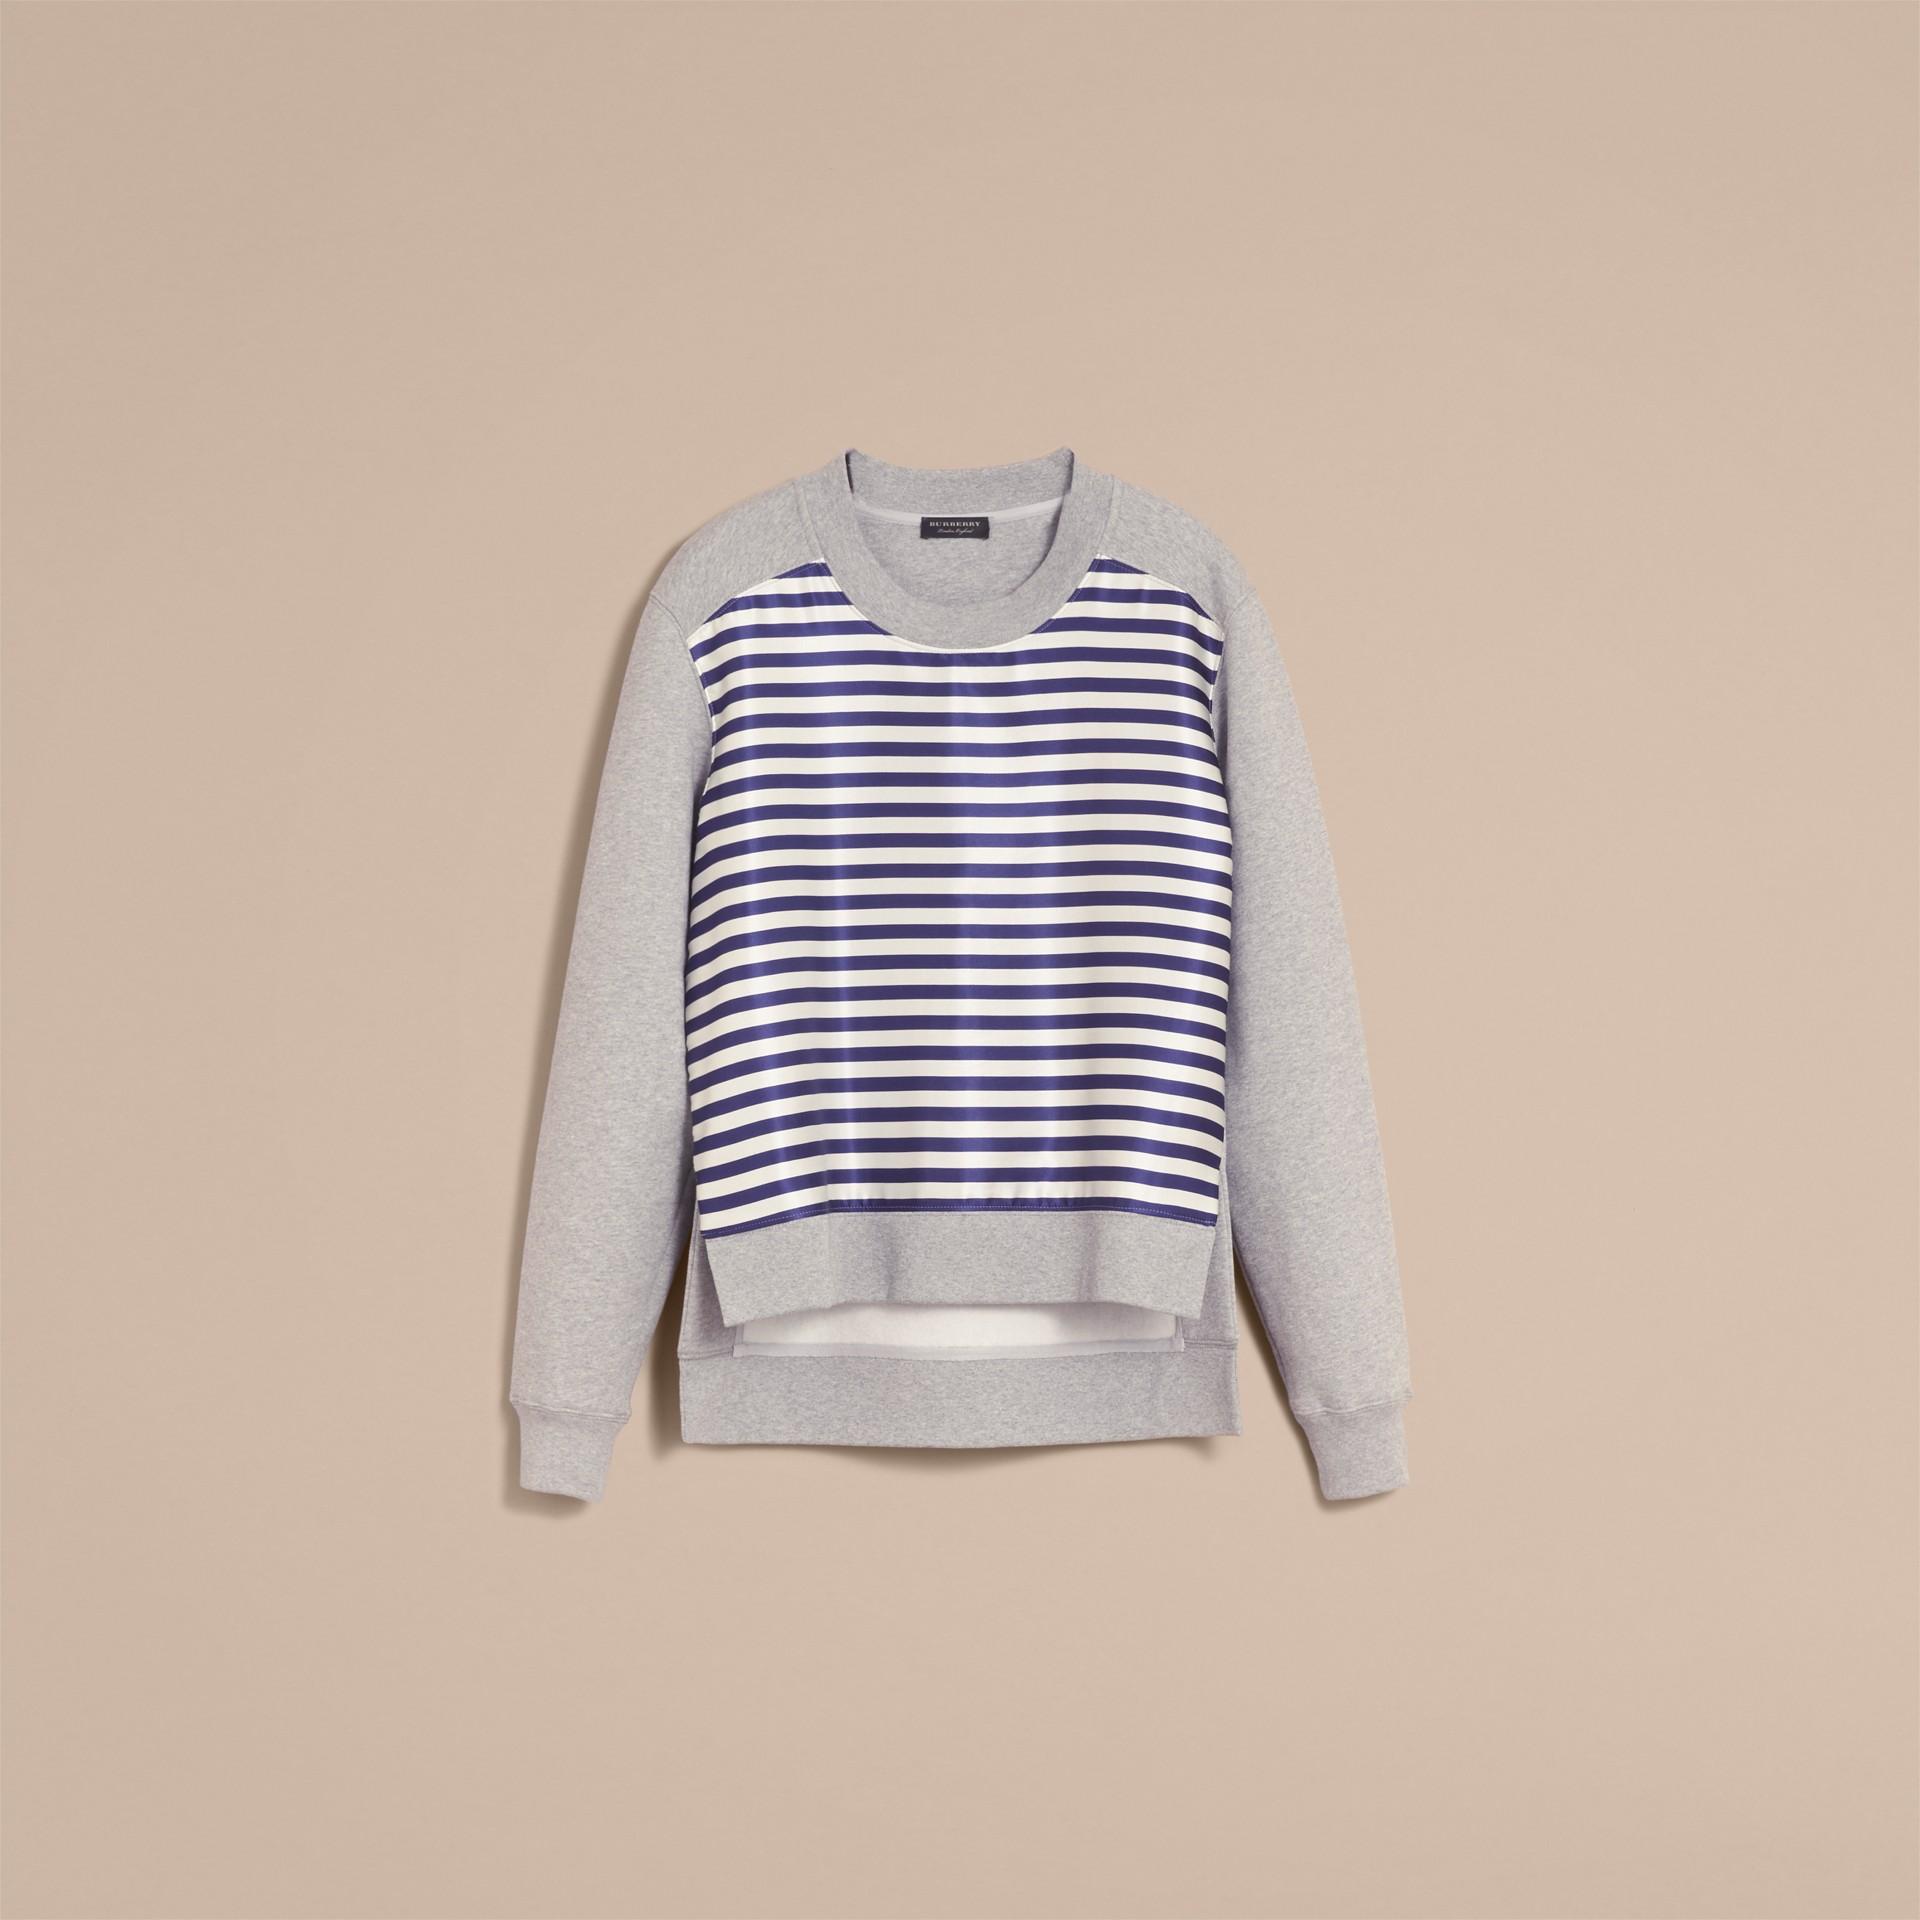 Unisex-Sweatshirt mit Streifenpanel aus Baumwollseide (Grau Meliert) - Damen | Burberry - Galerie-Bild 4